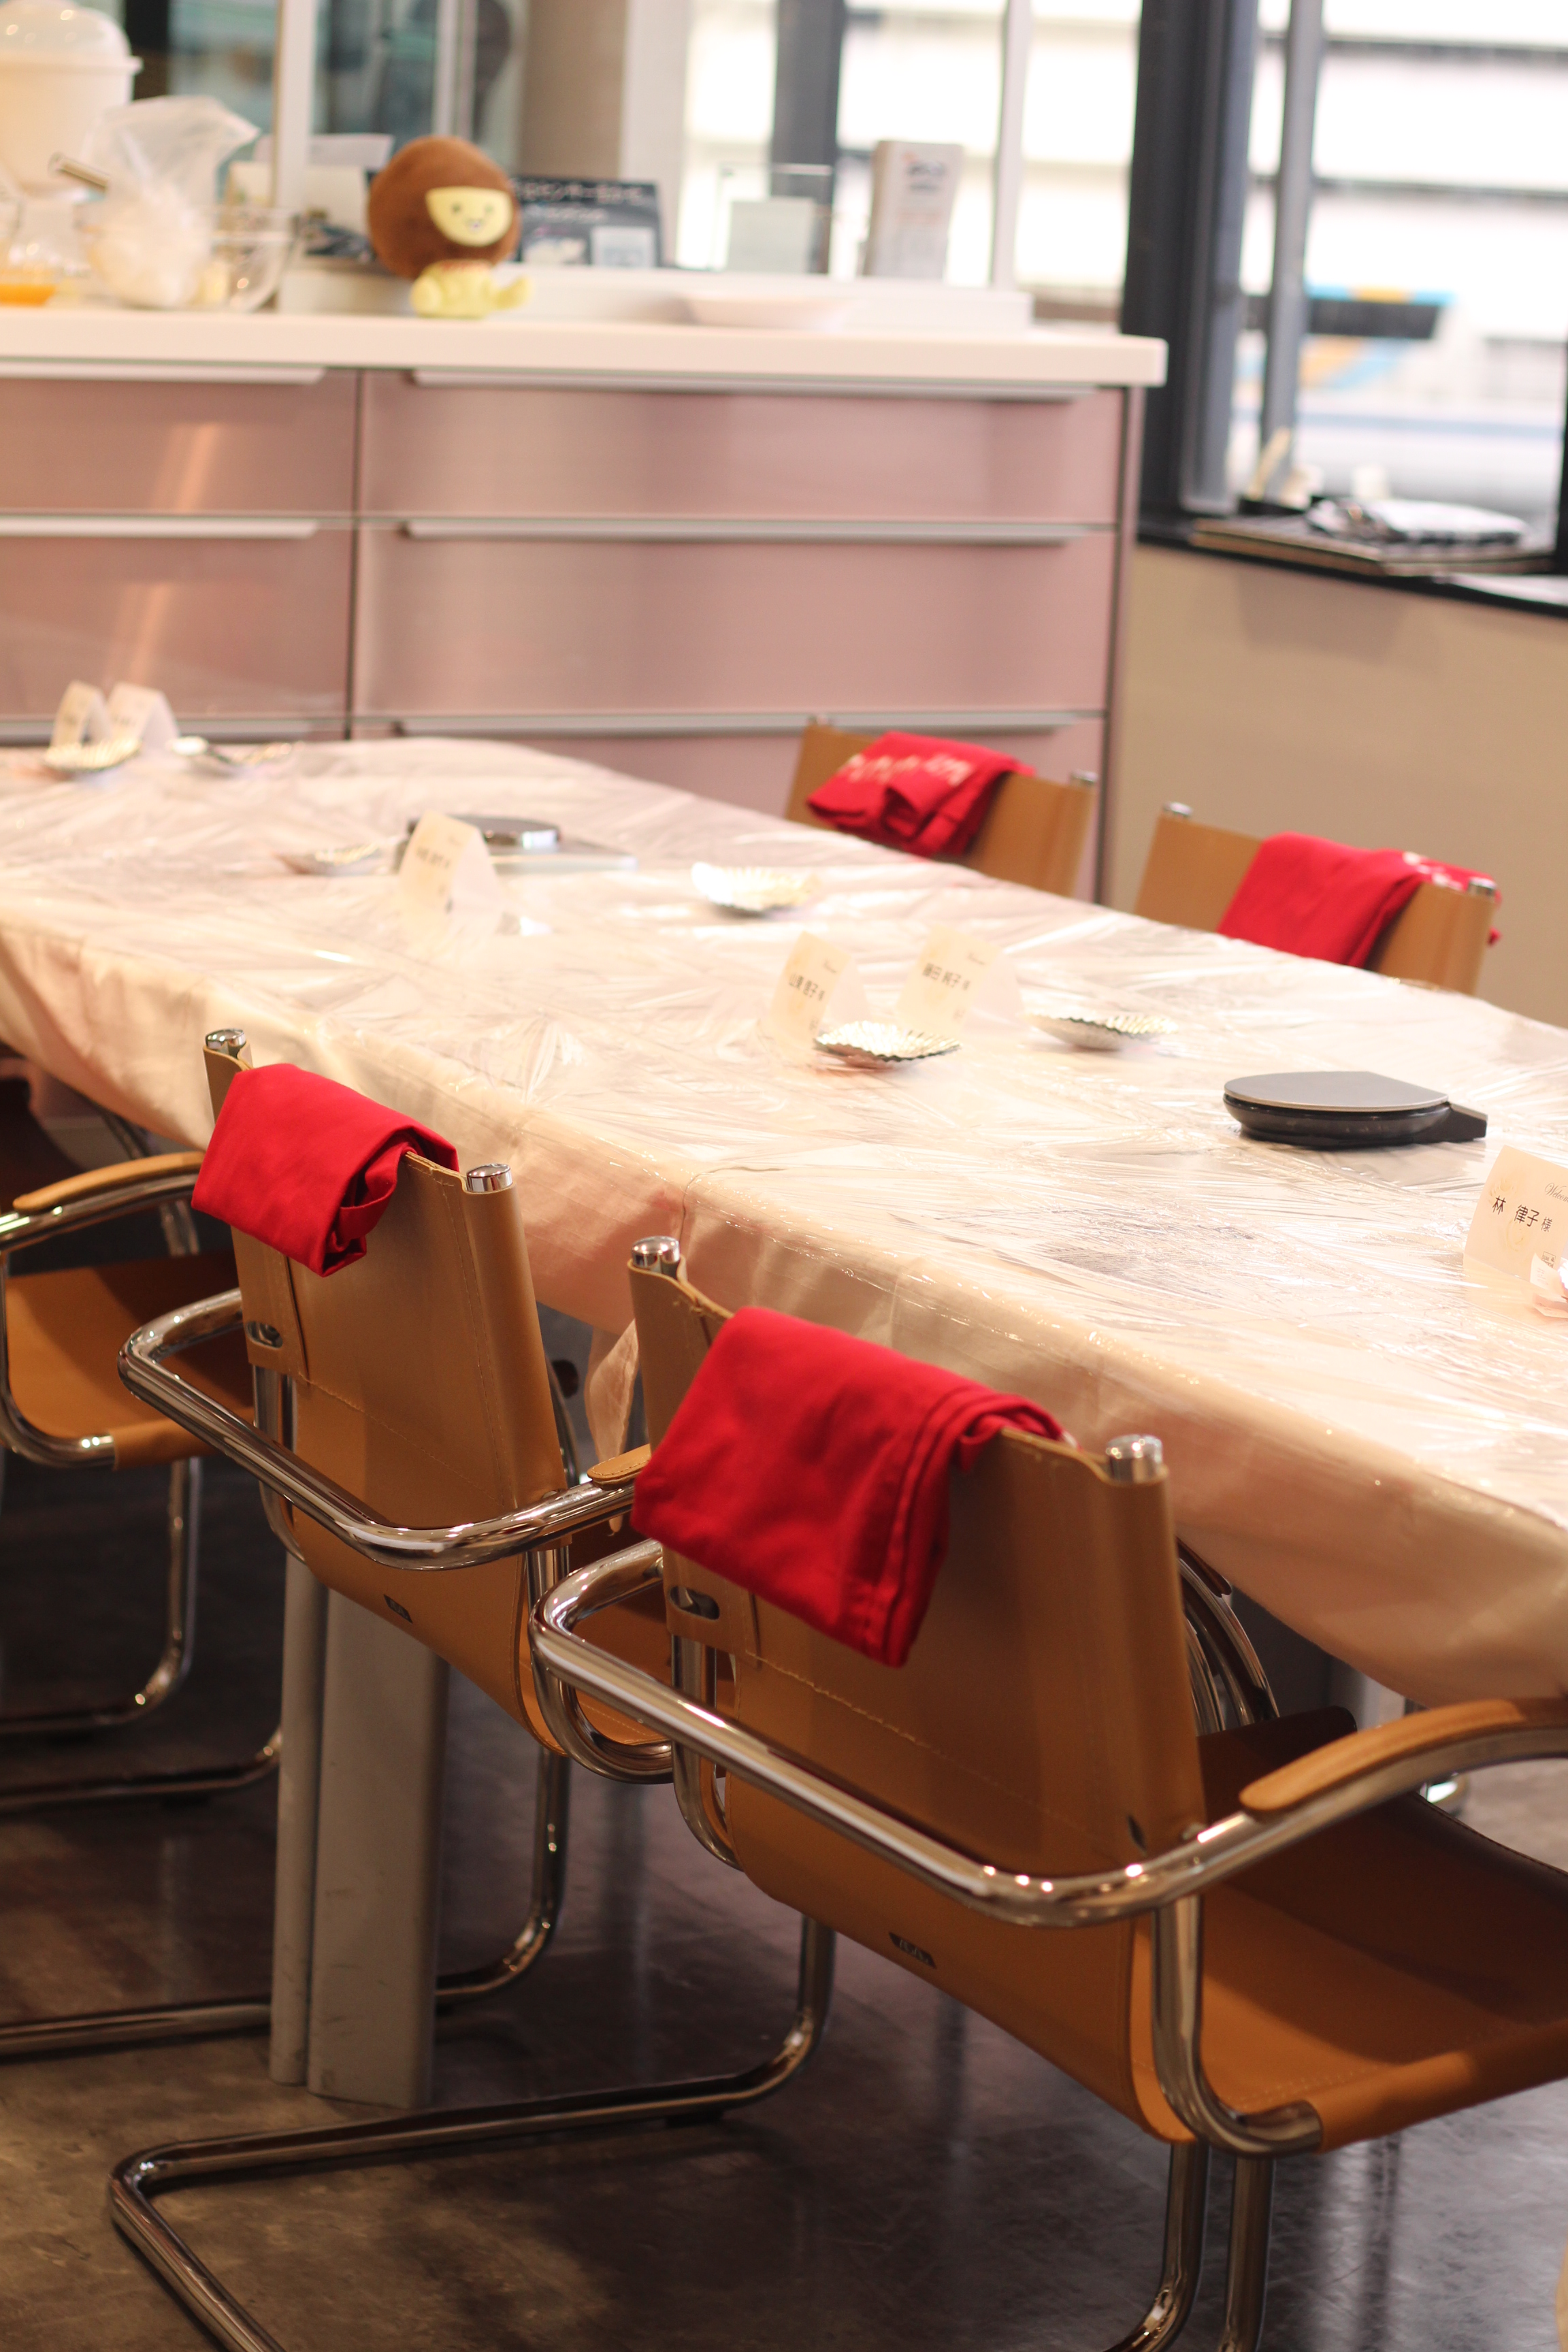 15.7.9クリナップ神戸&住みごこち工房。調理パンとシナモンロール (19)